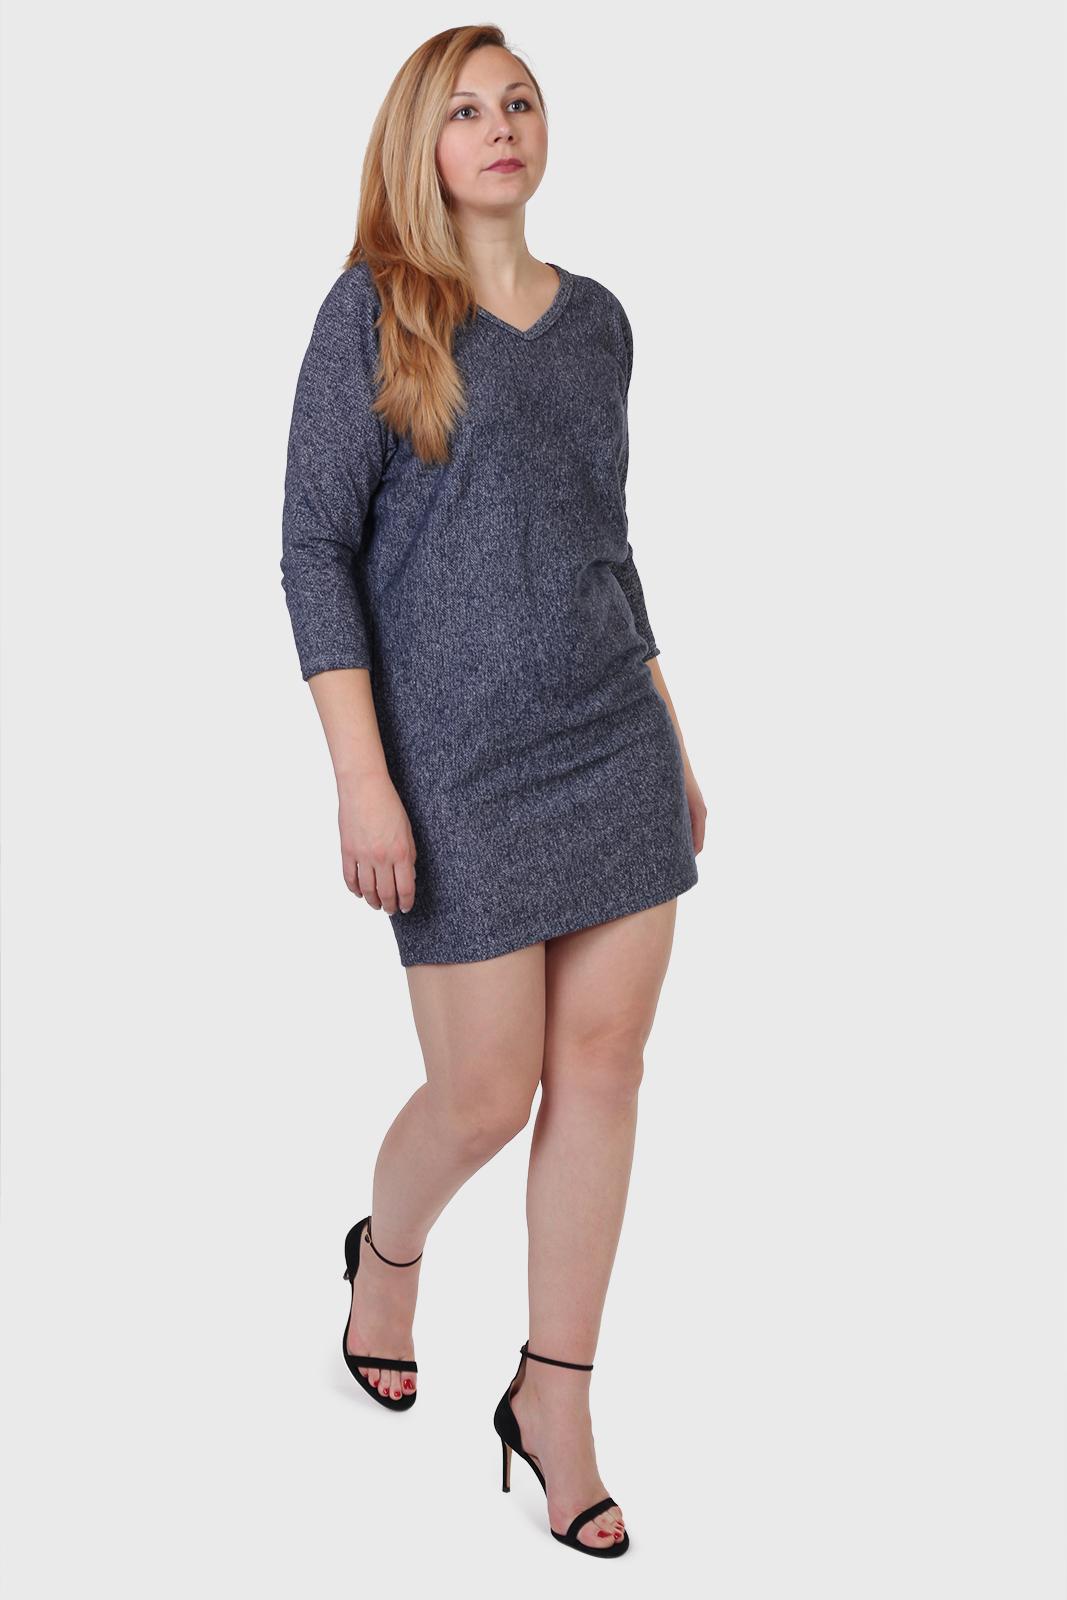 Купить мини платье All For Color в интернет магазине